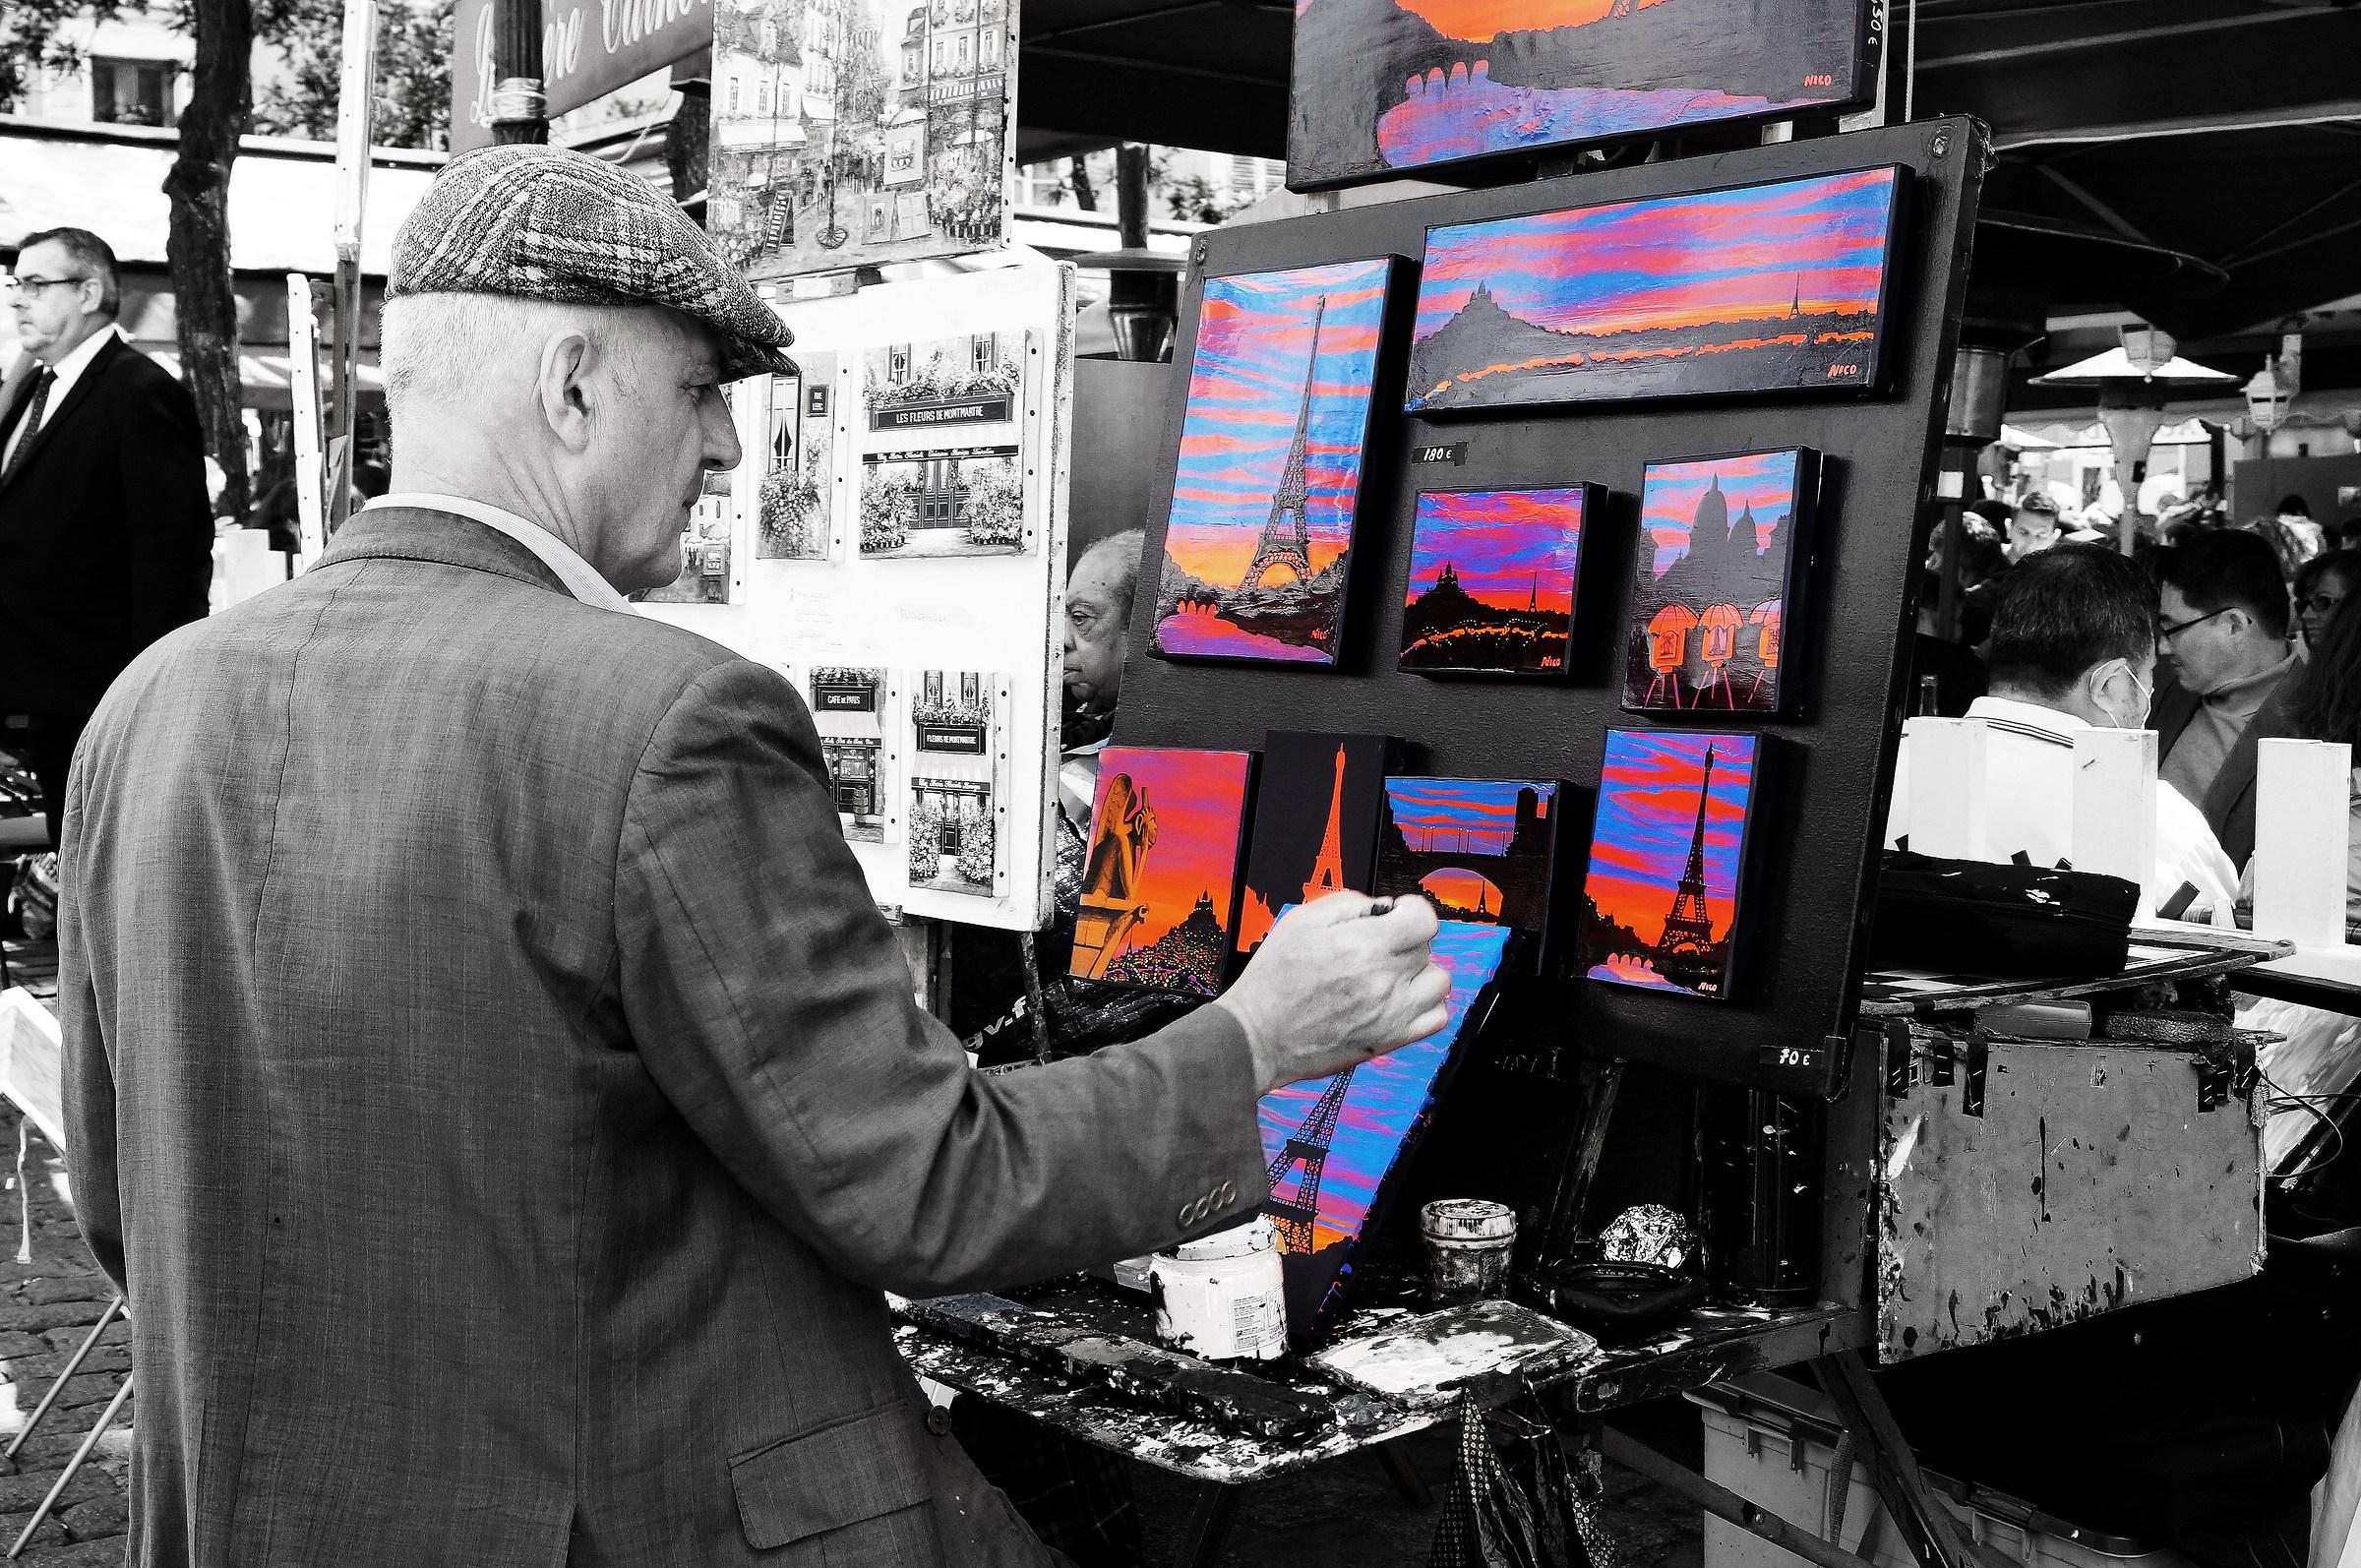 Artist In Montmartre...